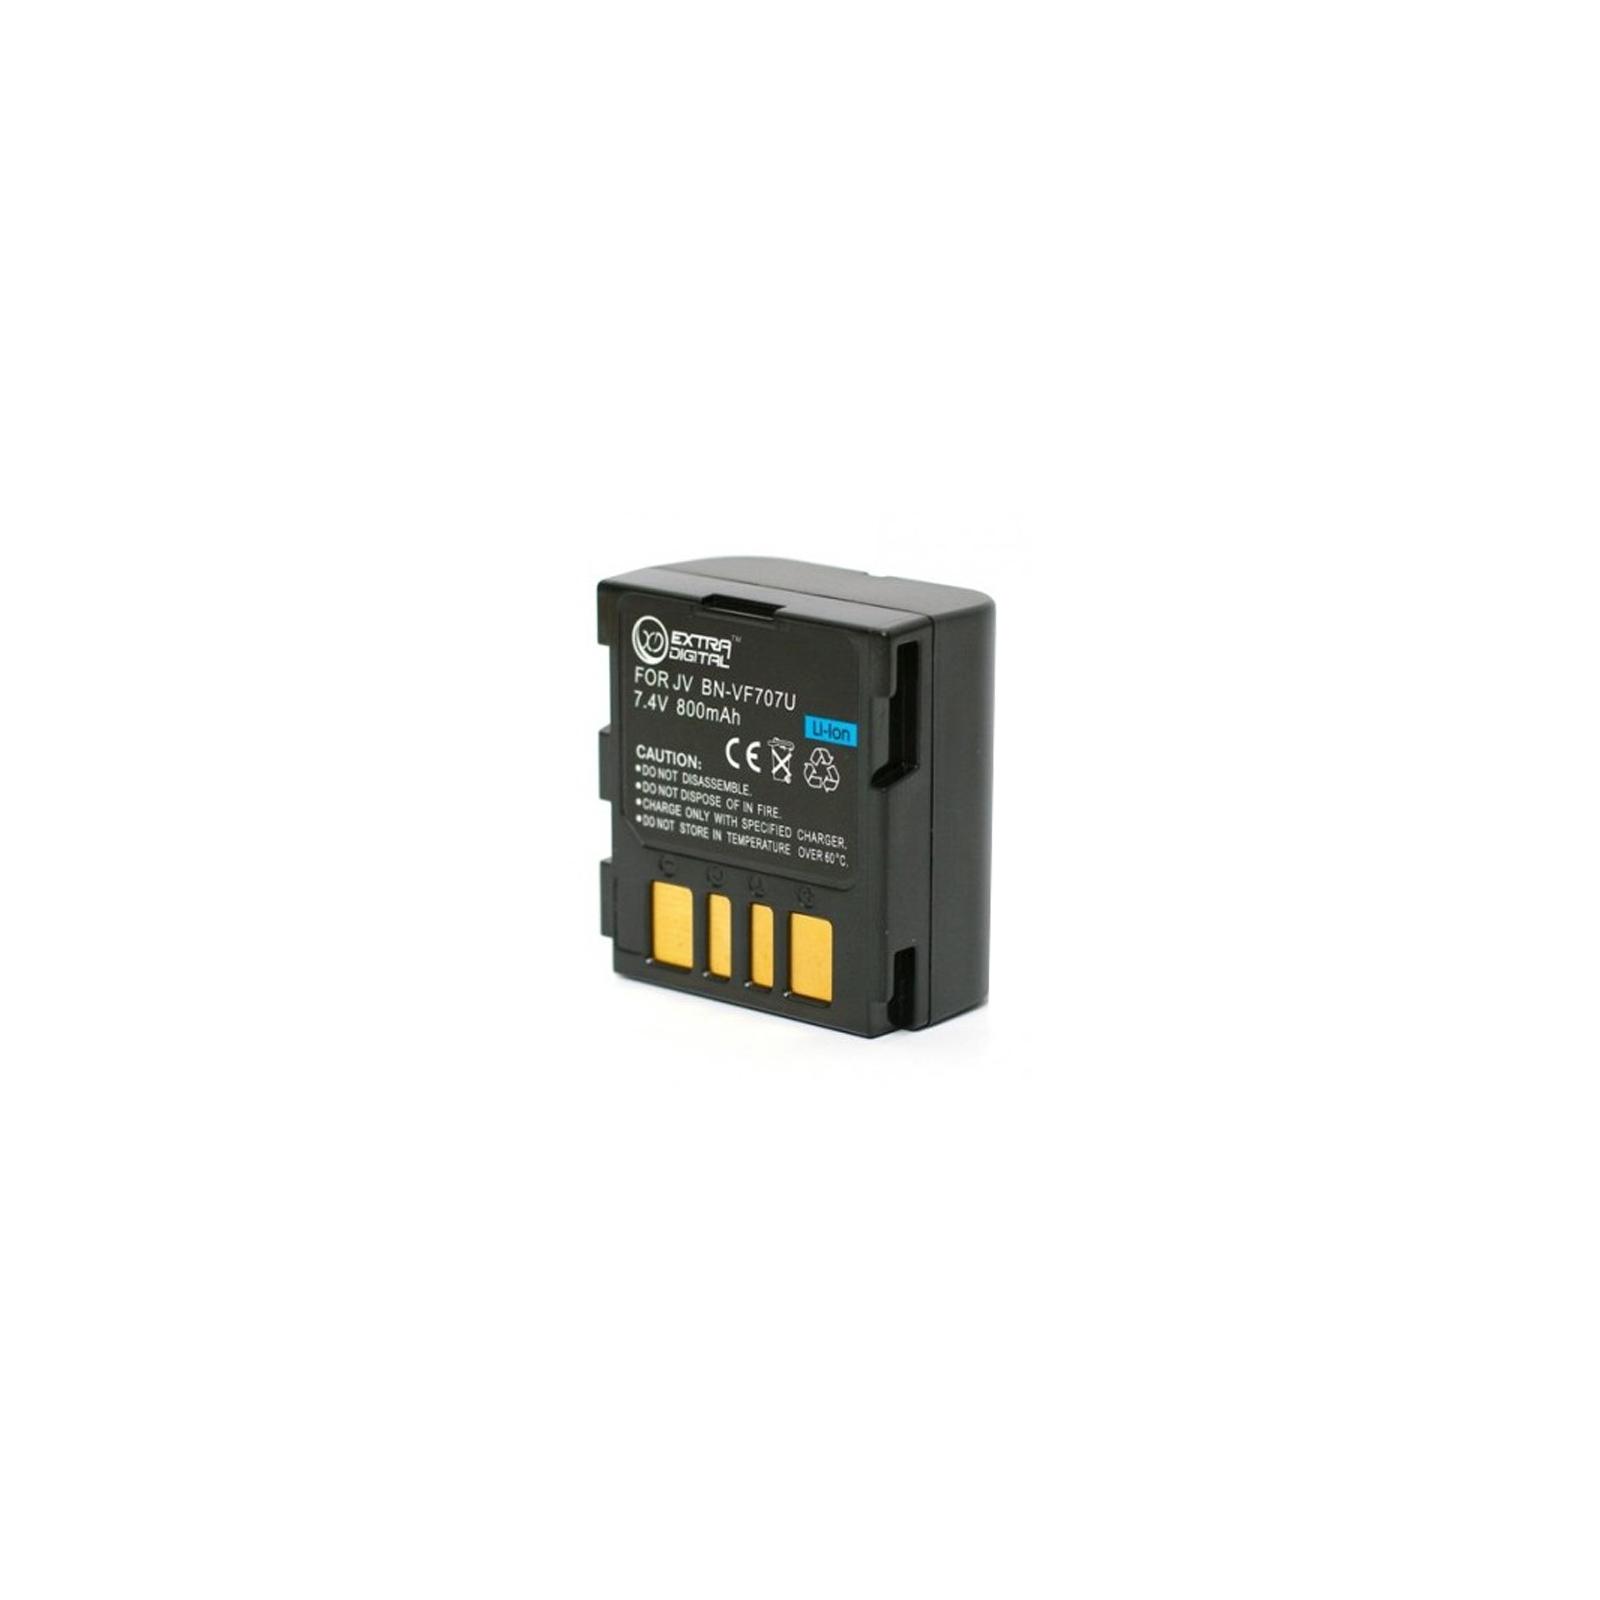 Аккумулятор к фото/видео EXTRADIGITAL JVC BN-VF707U (BDJ2486) изображение 2